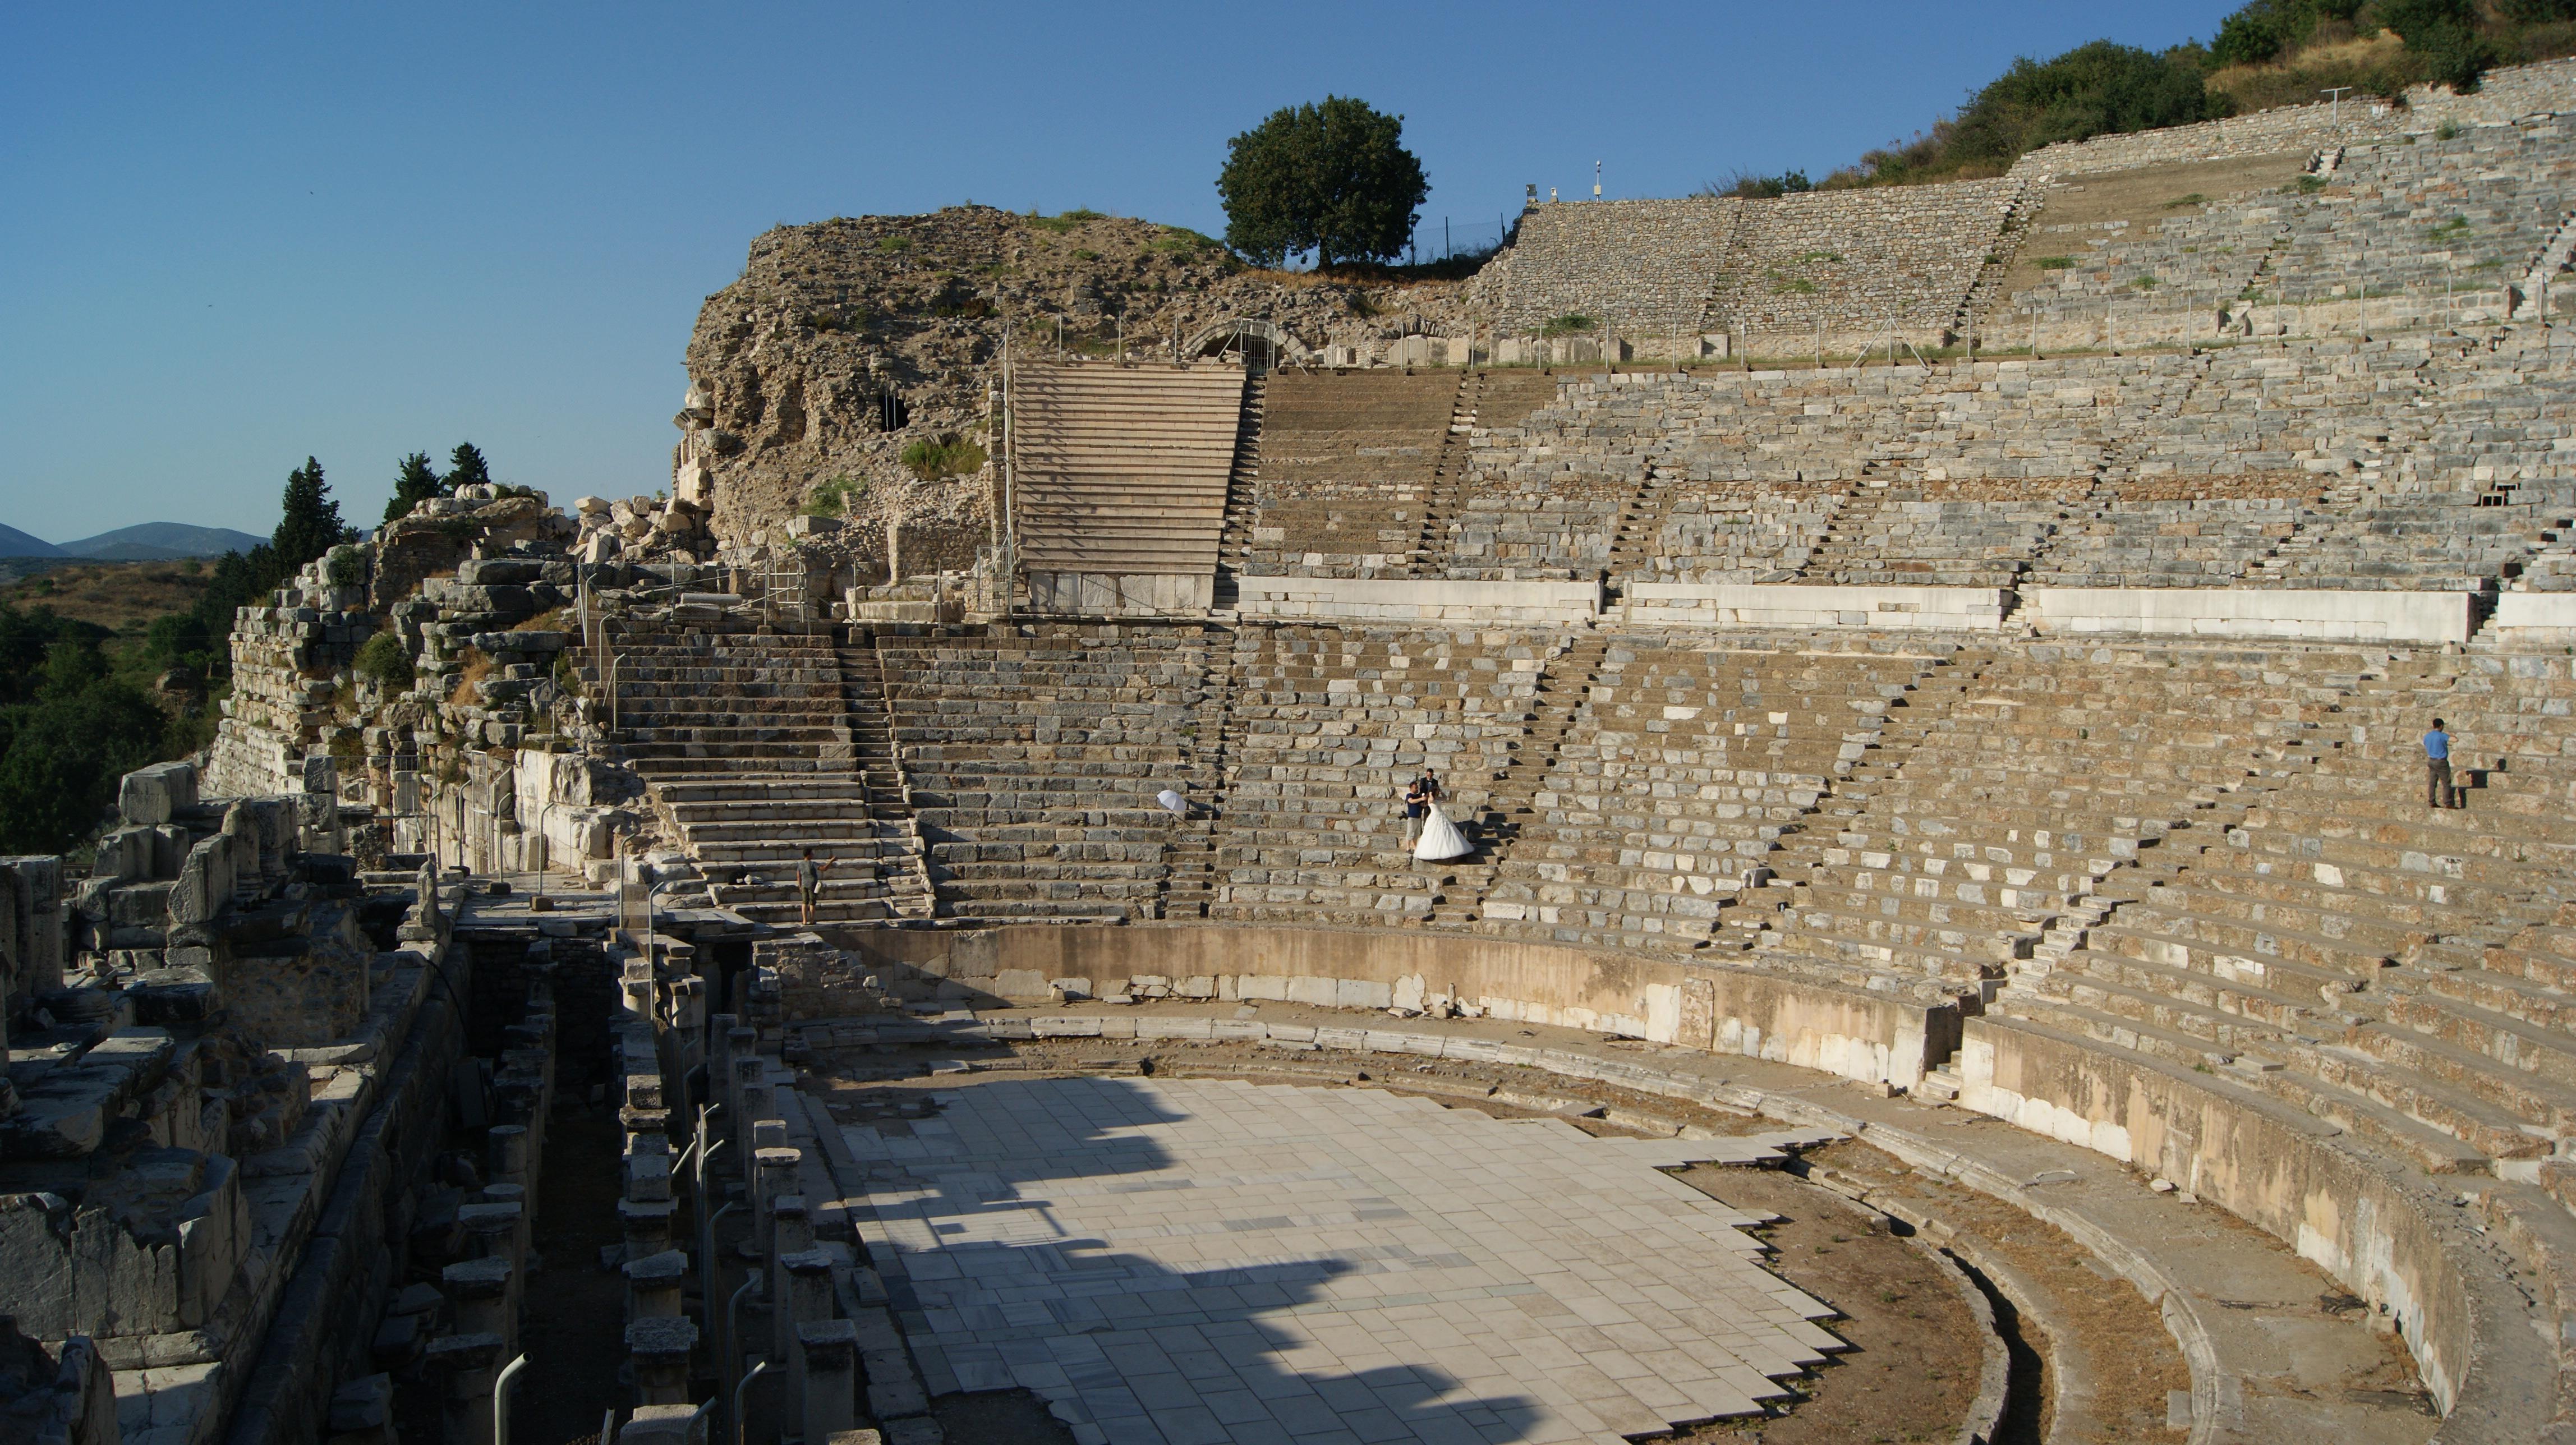 Efes Antik Tiyatrosu Kişisel Gezi Blogu Gezi Rehberi şahin Doğan